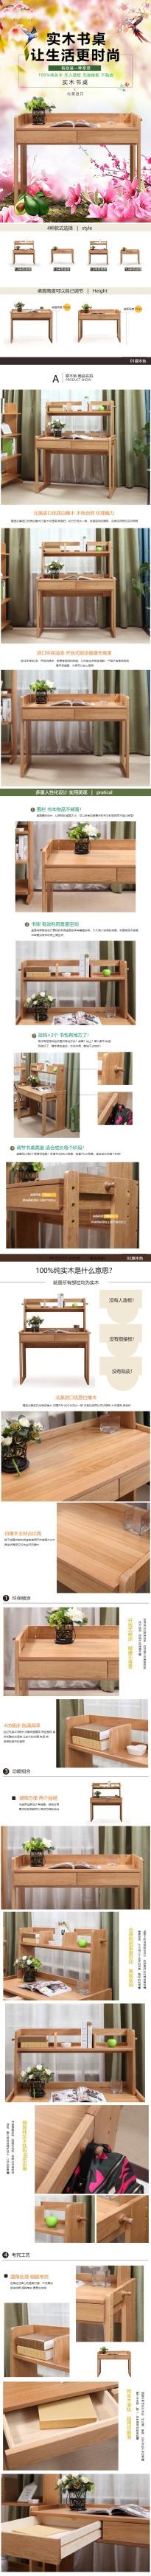 时尚进口实木书桌电商详情页